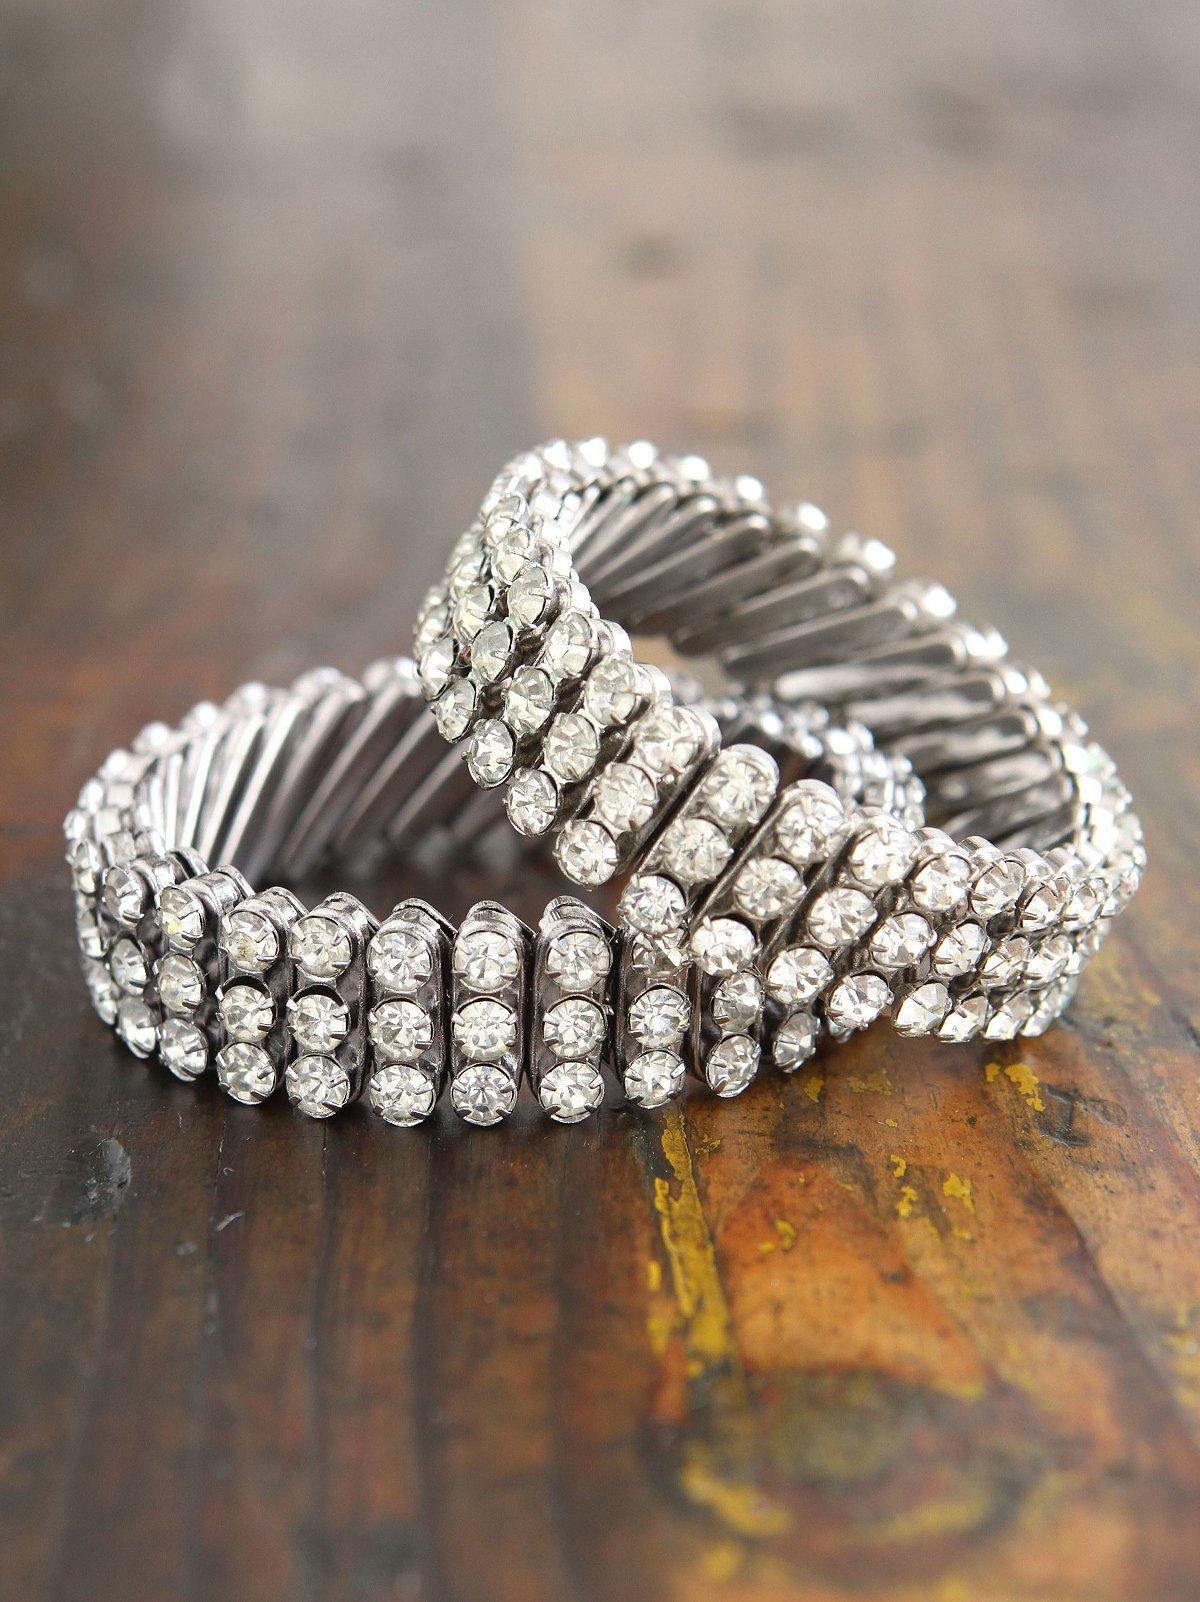 Vintage Crystal Rhinestone Stretchy Bracelet Set